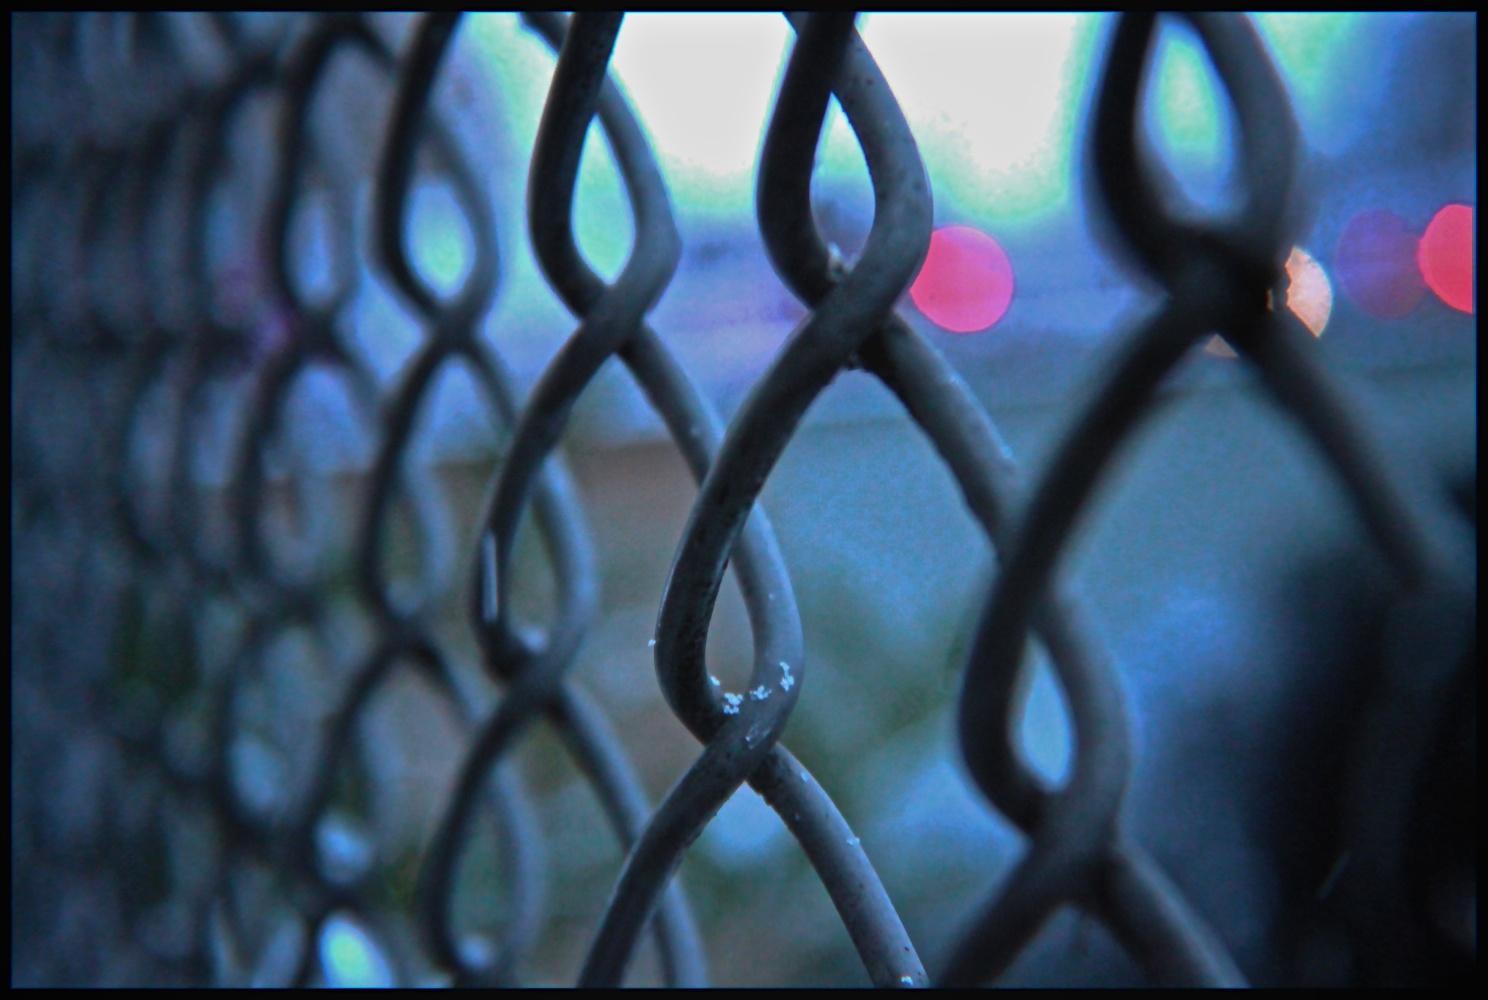 behind bars ...